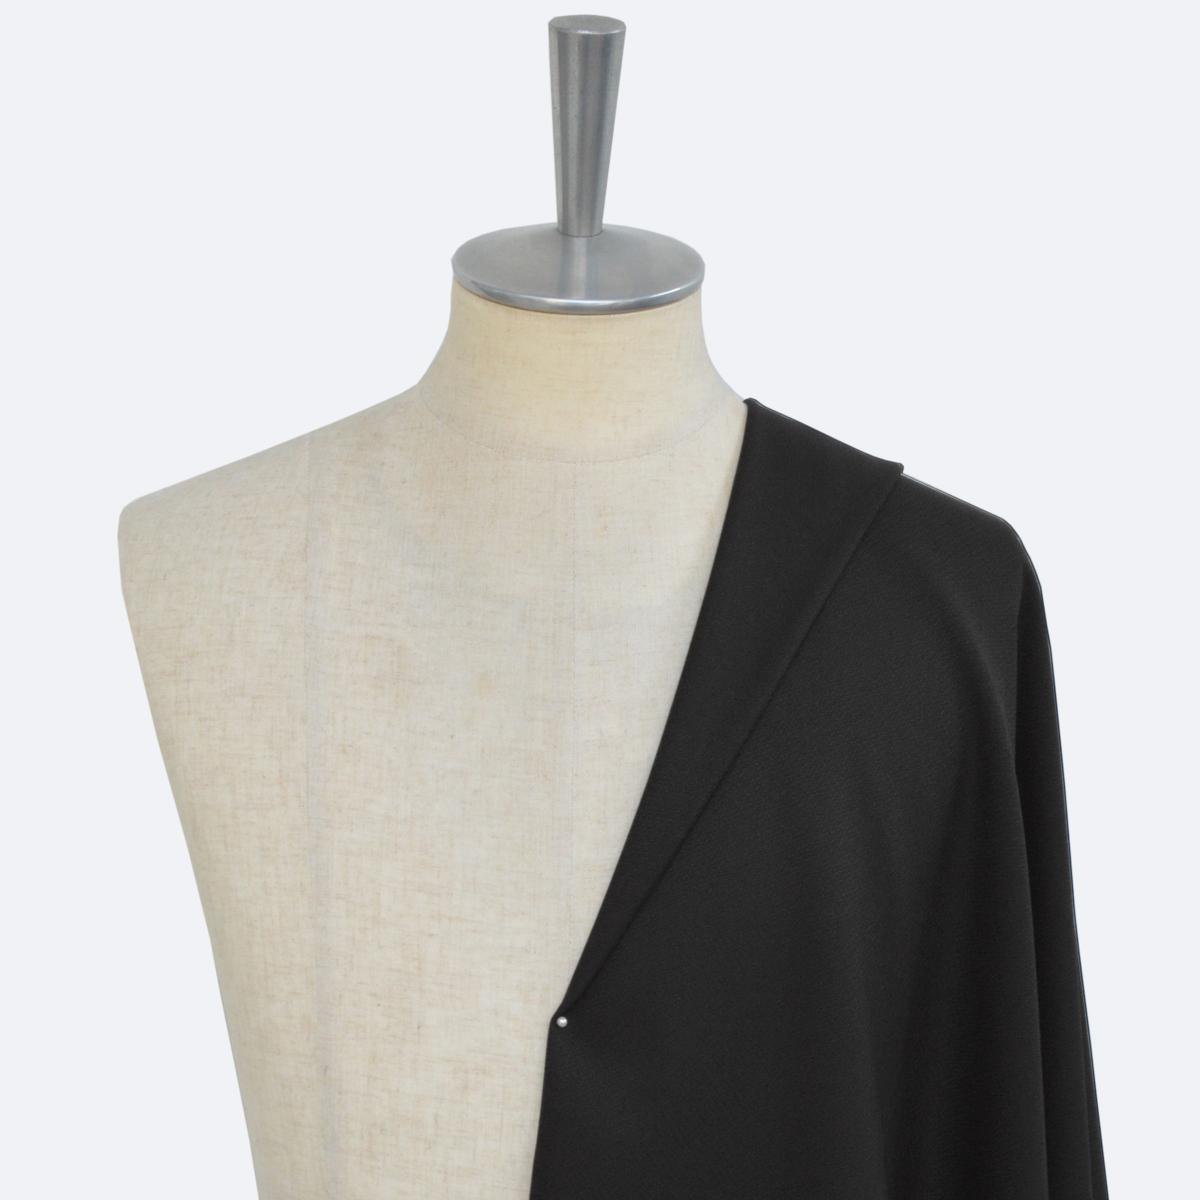 [オーダーレディーススーツ スカートセット]【ウール&ポリエステル】通気性が良く・シワになりにくい生地